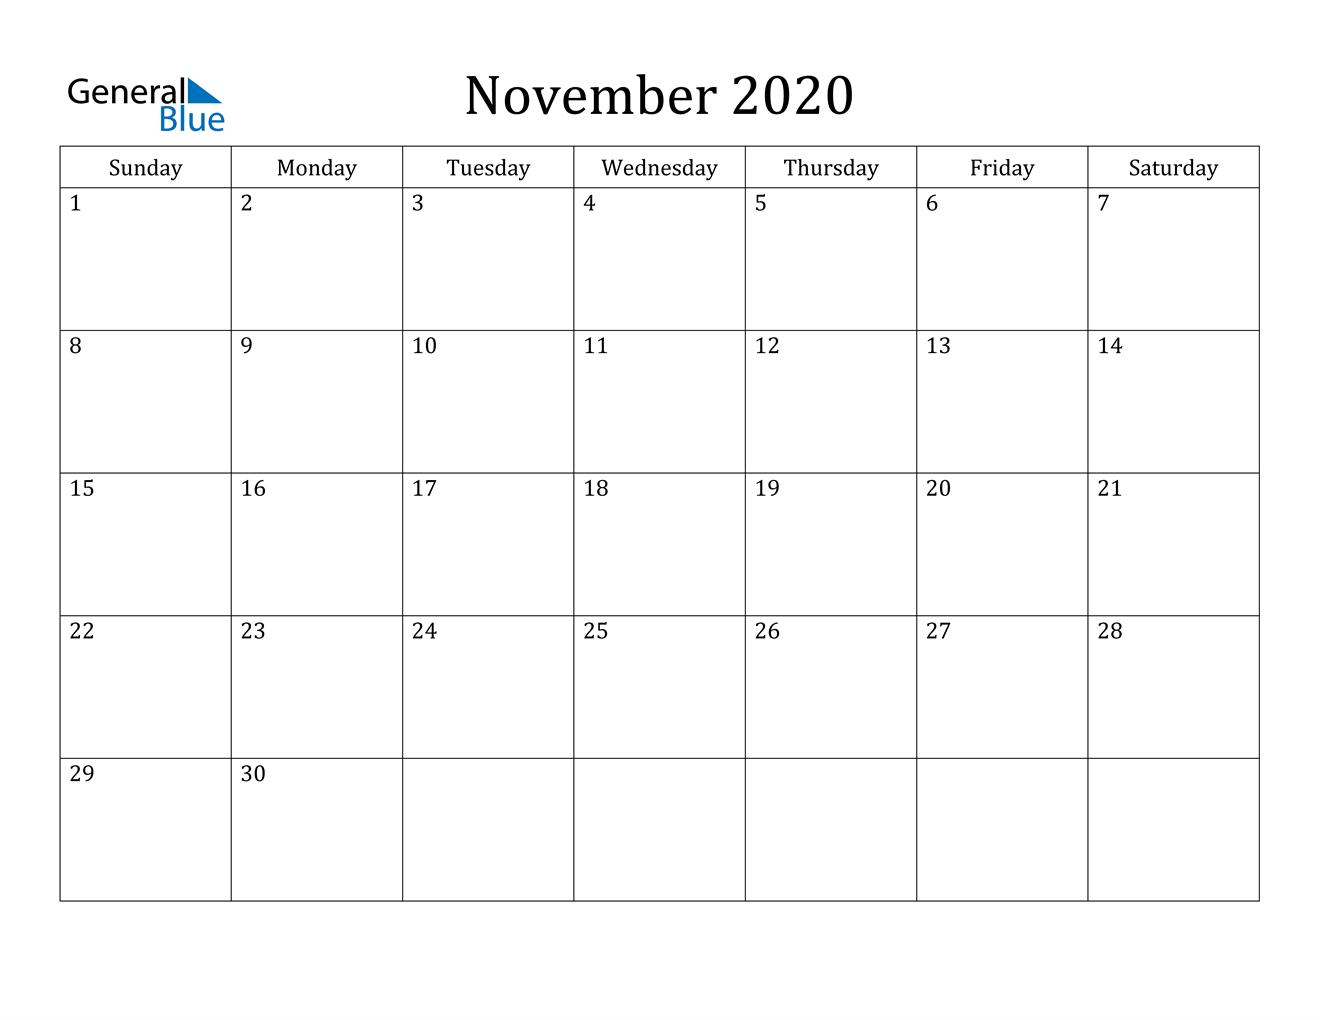 Image of November 2020 Classic Professional Calendar Calendar